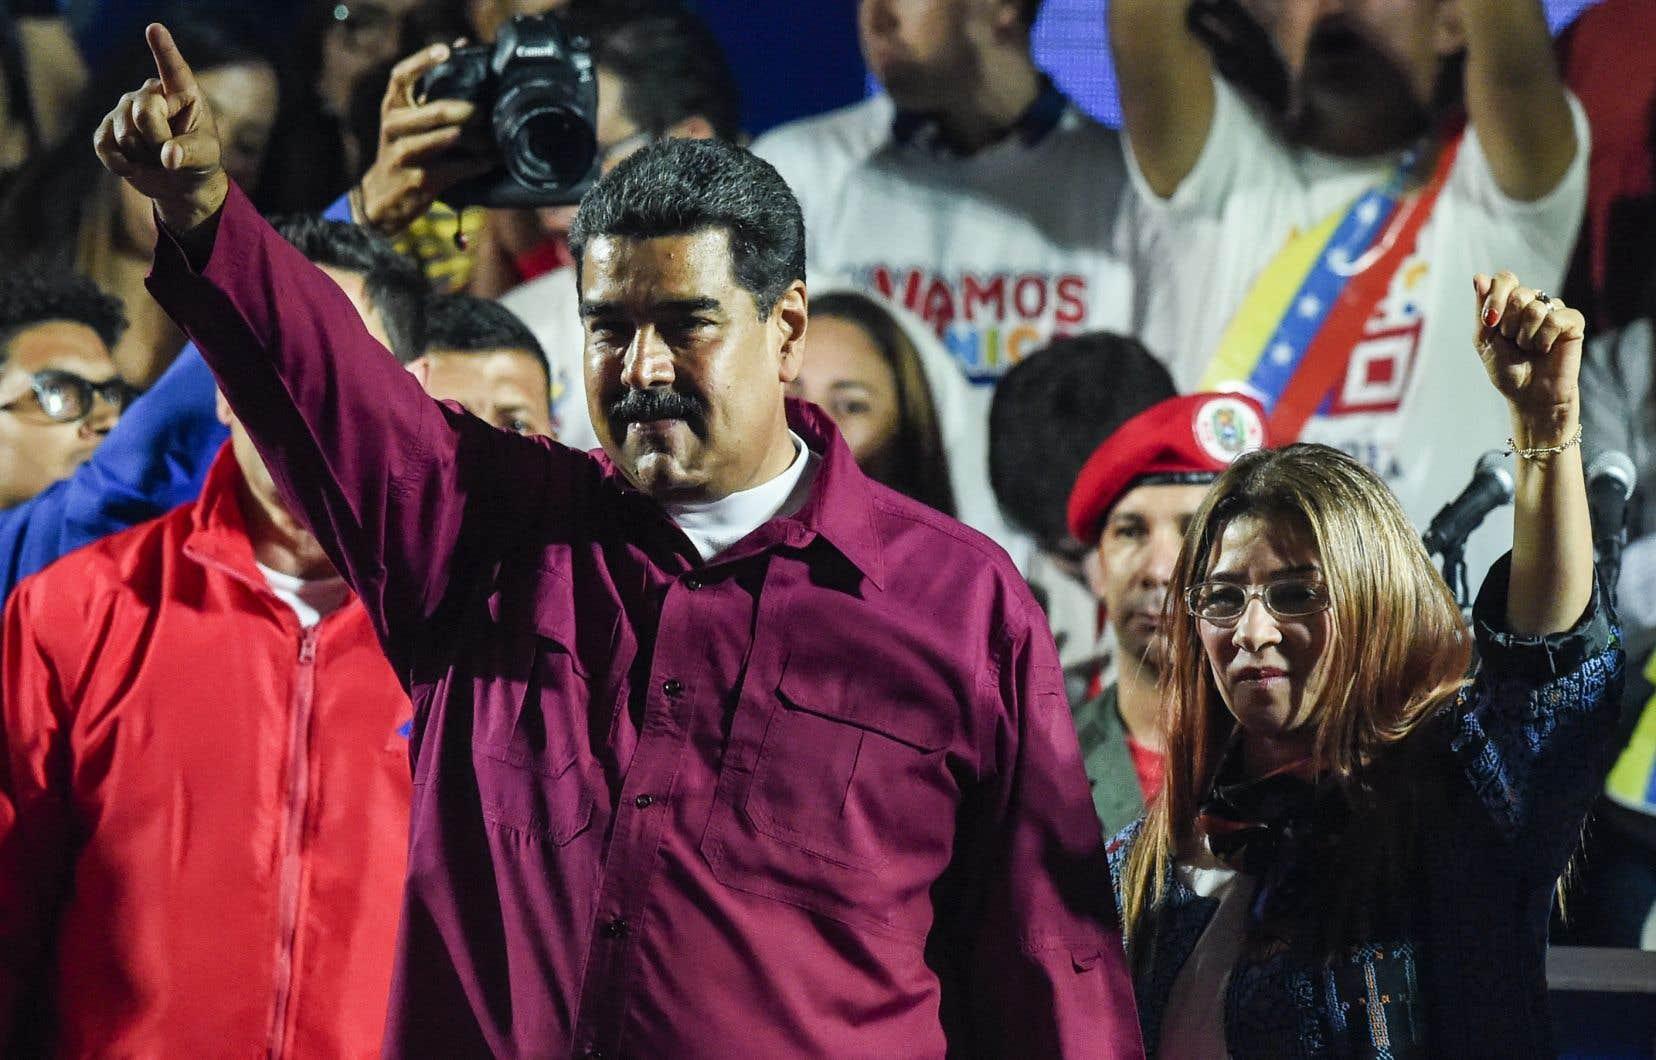 Le président socialiste sortant a remporté près de 70% des voix.